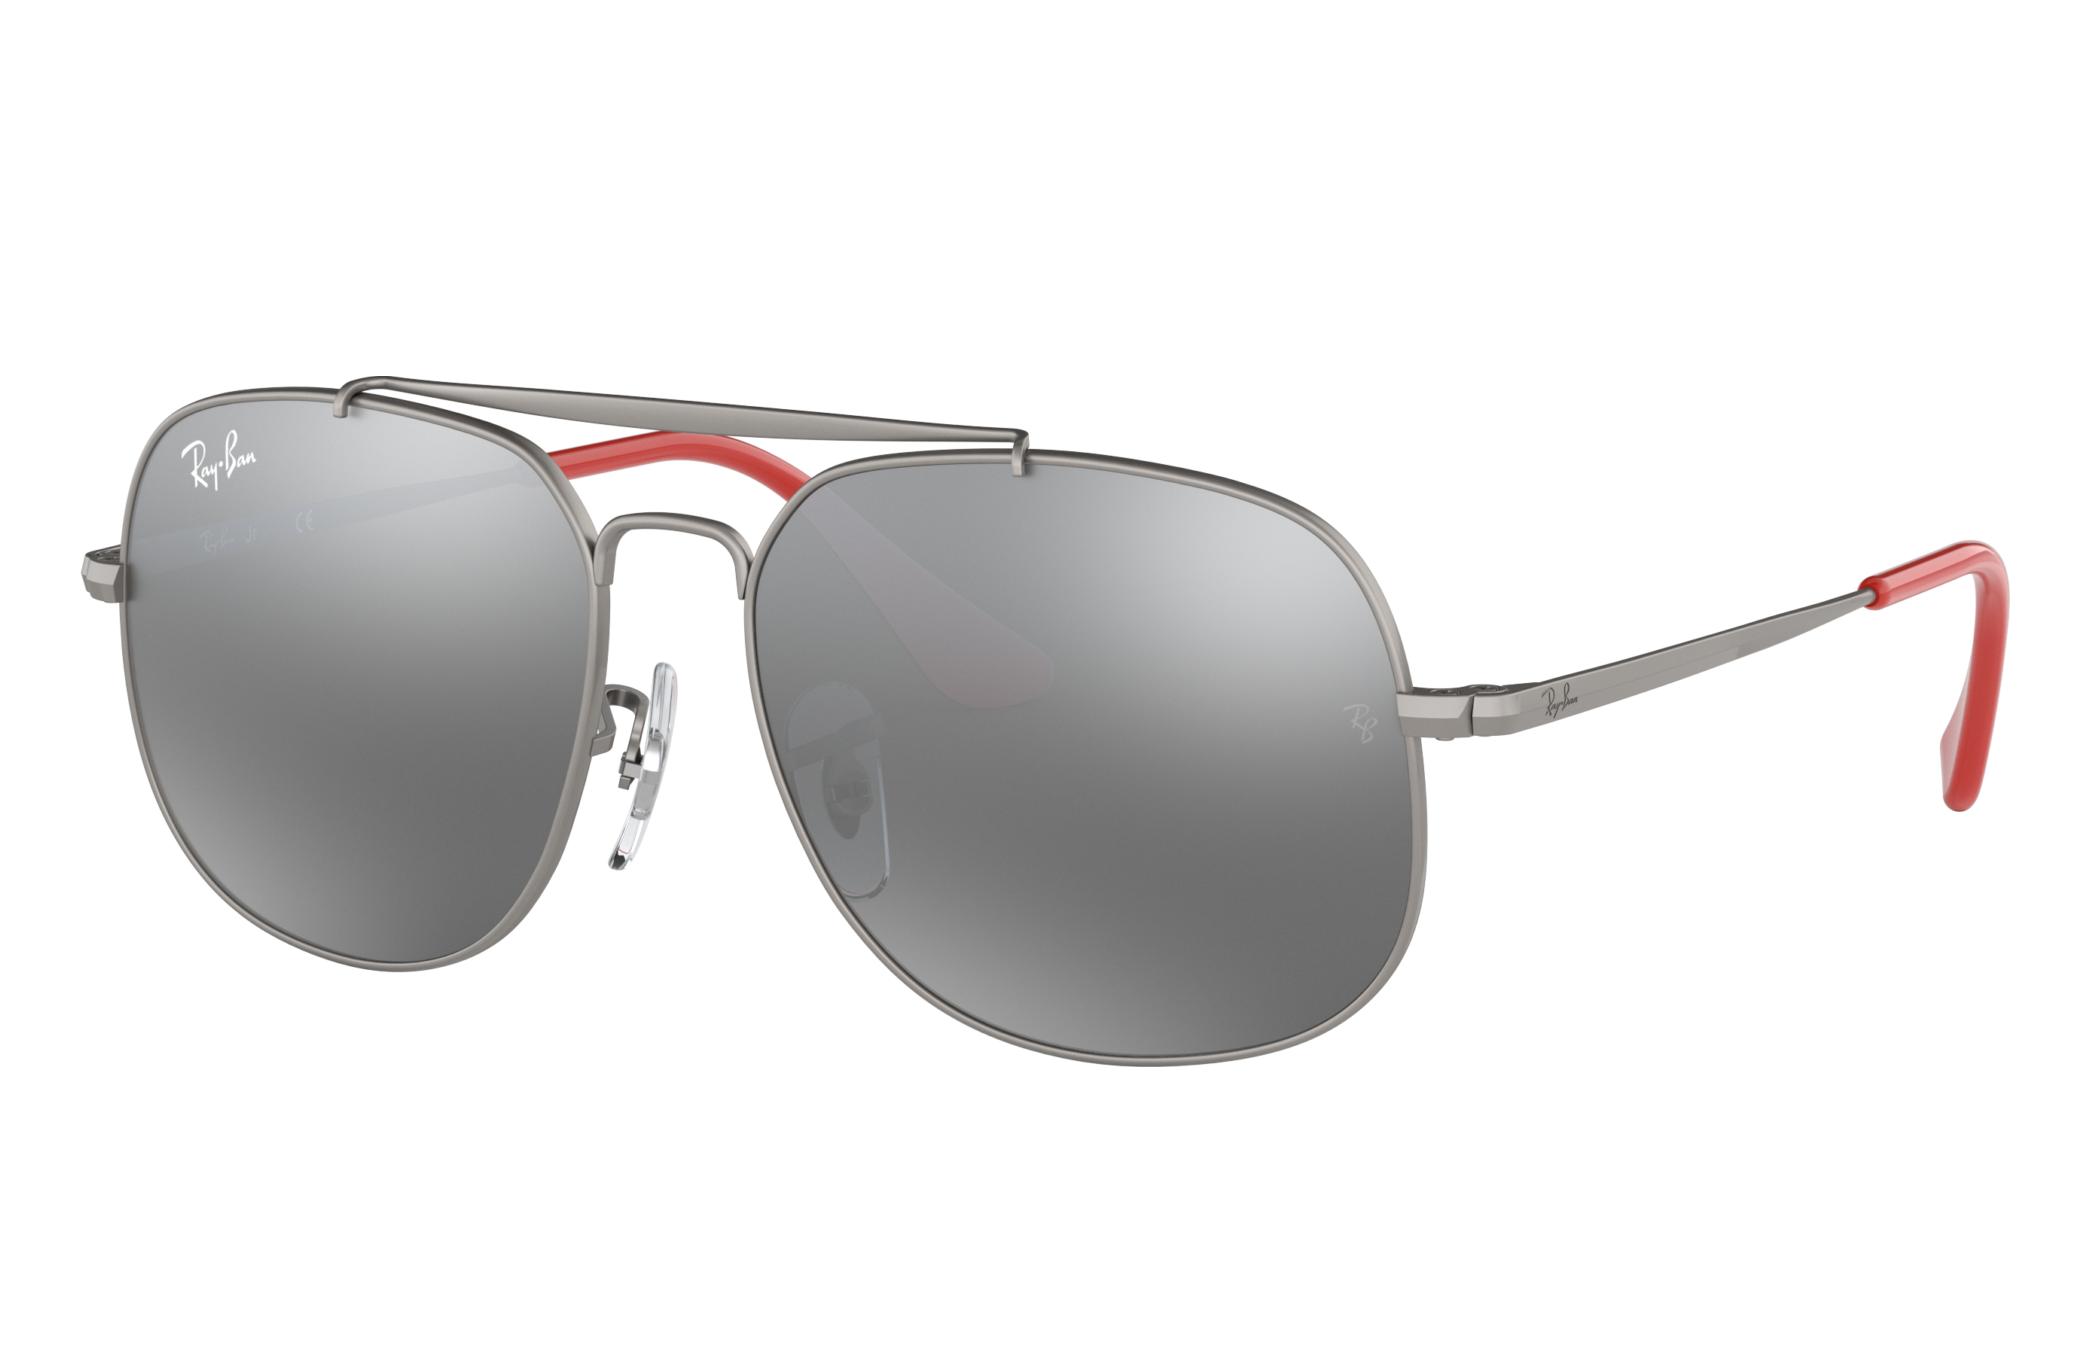 Ray-Ban General Junior Gunmetal, Gray Lenses - RJ9561S